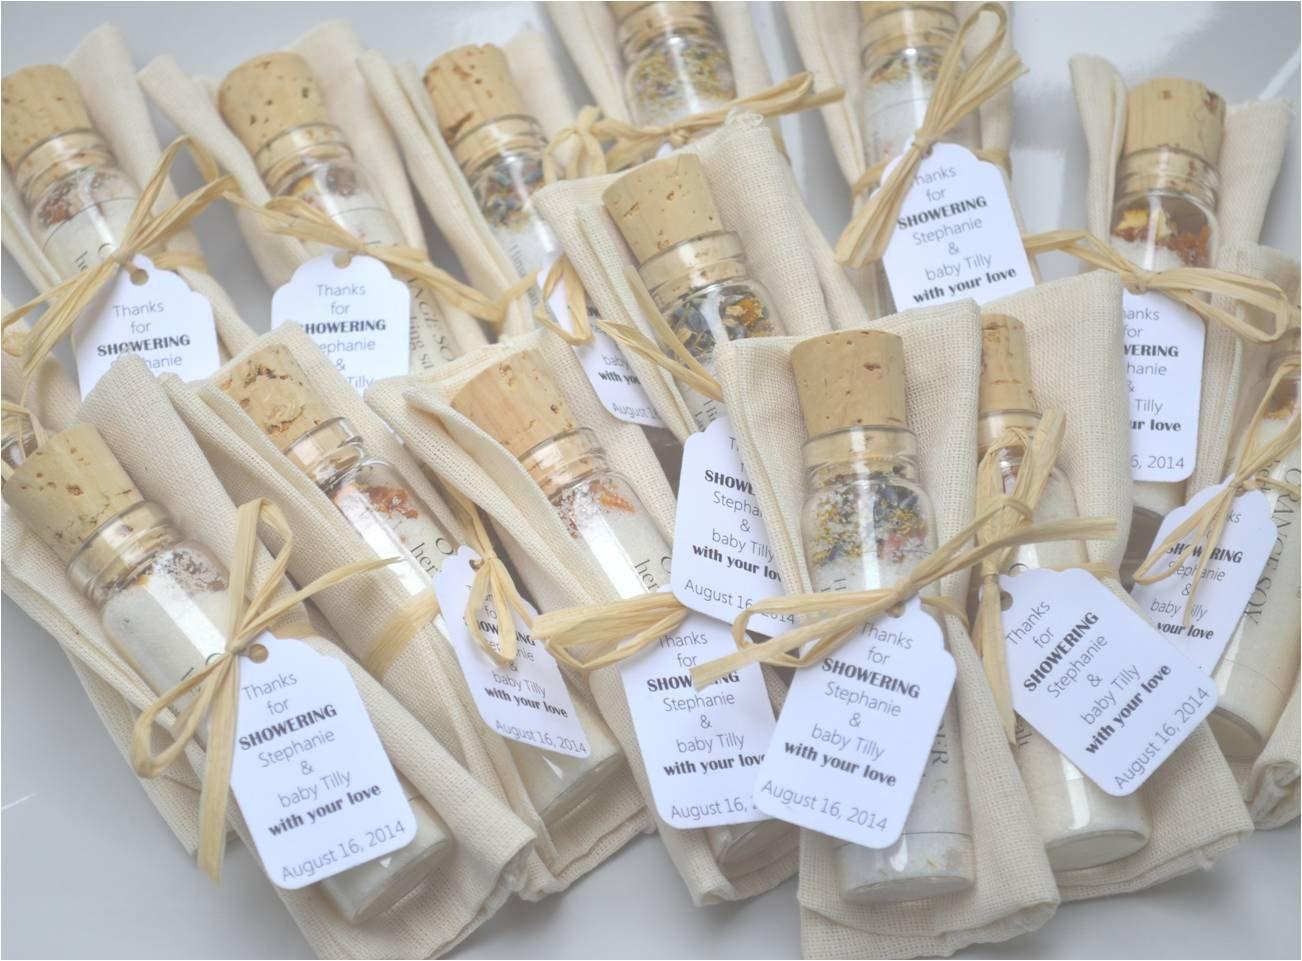 BATH SALT VIAL With Bag Bridal Shower Favors Wedding